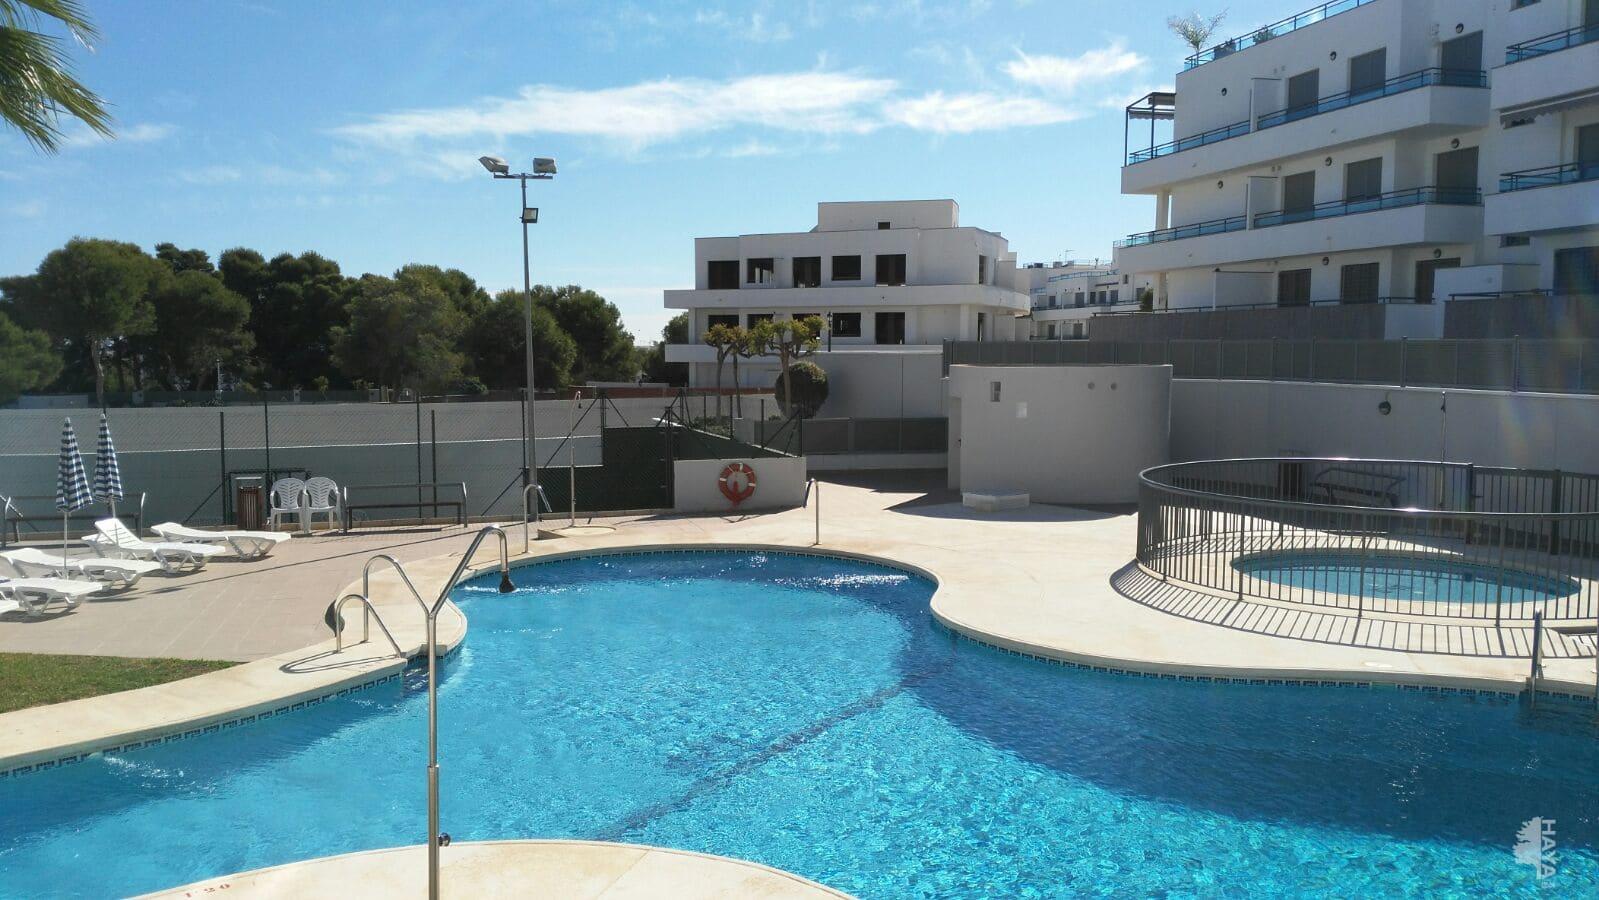 Piso en venta en Garrucha, Almería, Calle Murillo (pinar de Garrucha), B, 101.900 €, 2 habitaciones, 2 baños, 88 m2